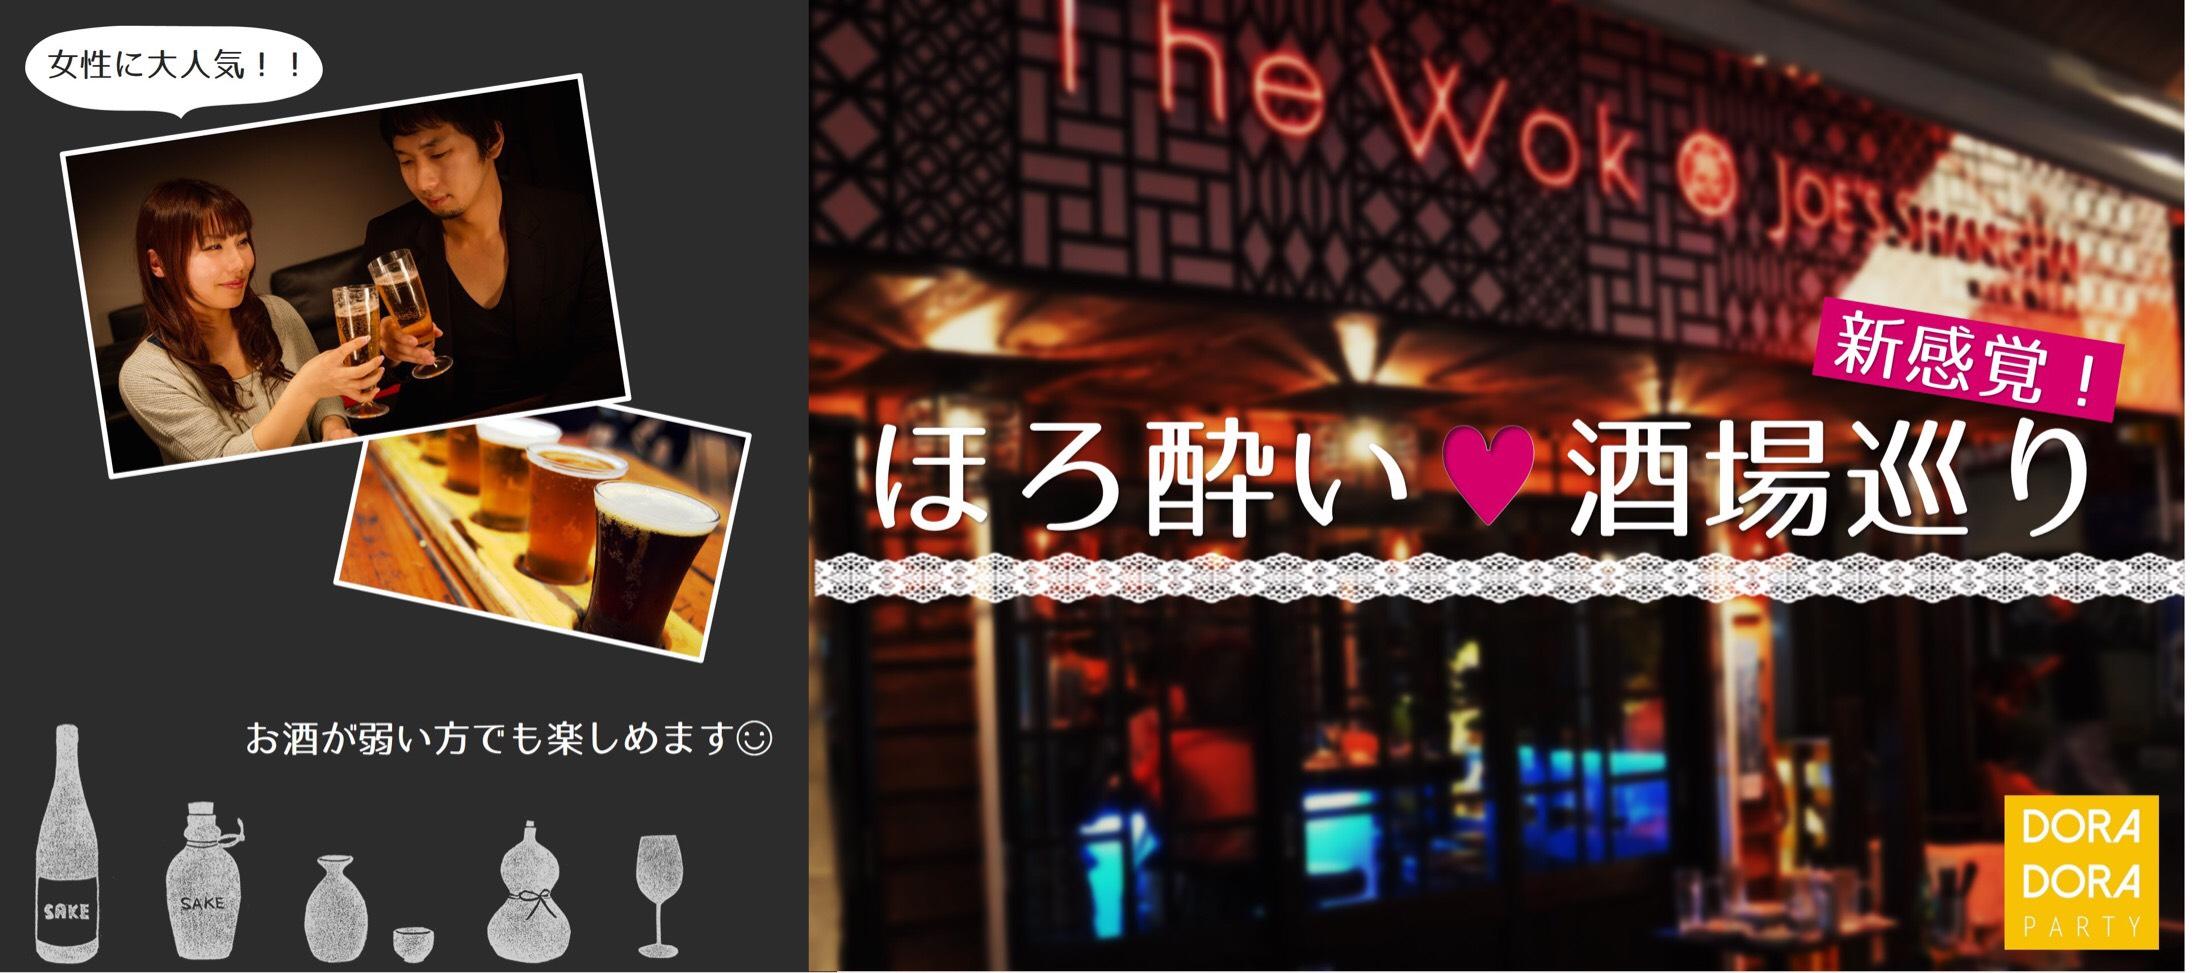 3/31 横浜 20~32歳限定! 祝 待望の新企画☆新感覚!!横浜で「グルメ×出会い」を楽しめる女性に優しいほろ酔い酒場巡りコン☆